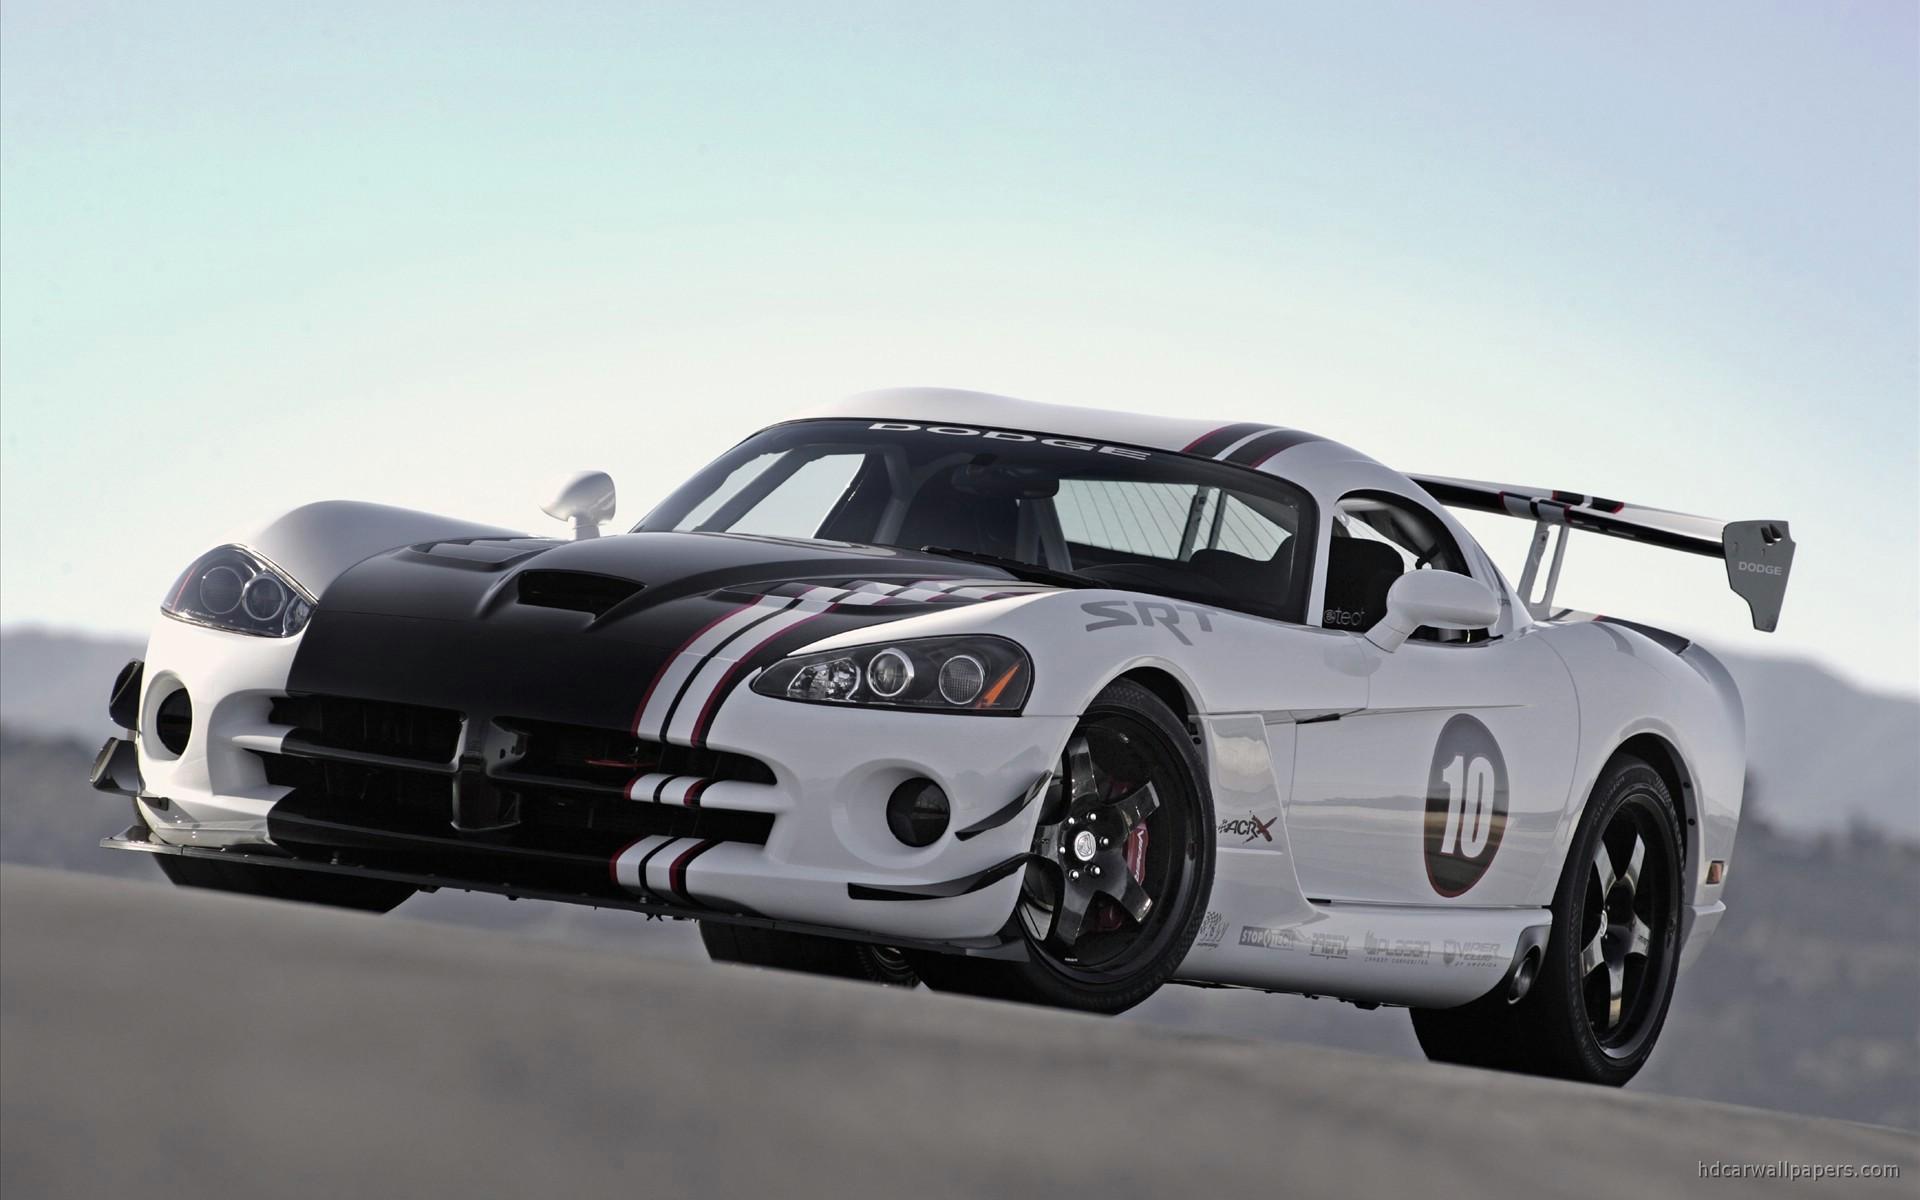 Dodge Viper Srt10 Acr X 2010 4 Wallpaper Hd Car